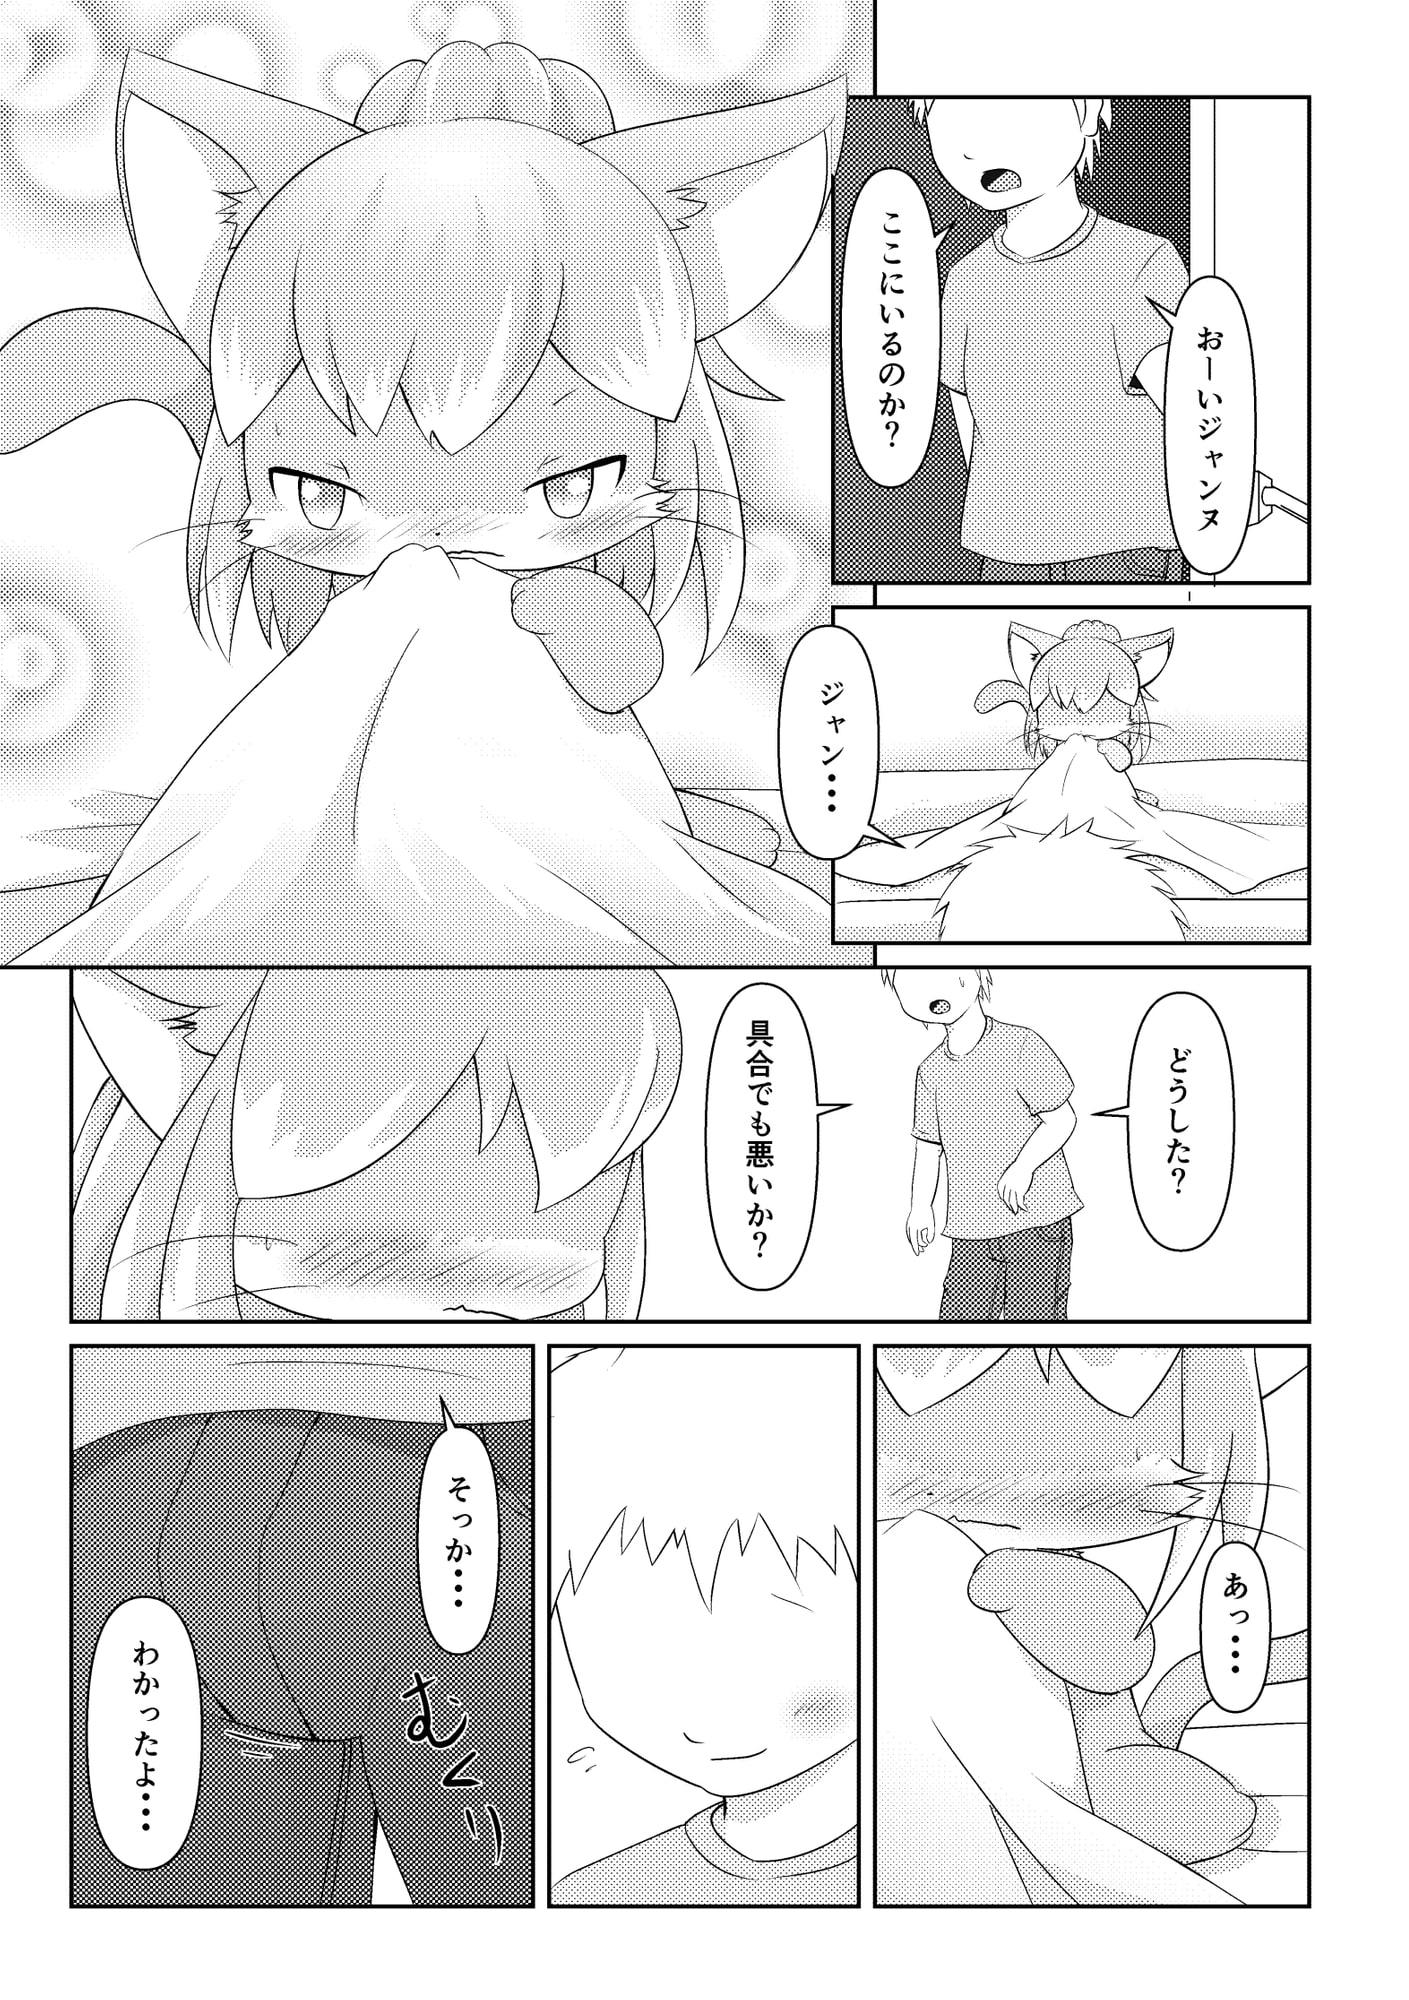 ぱんぱんジャンヌちゃん